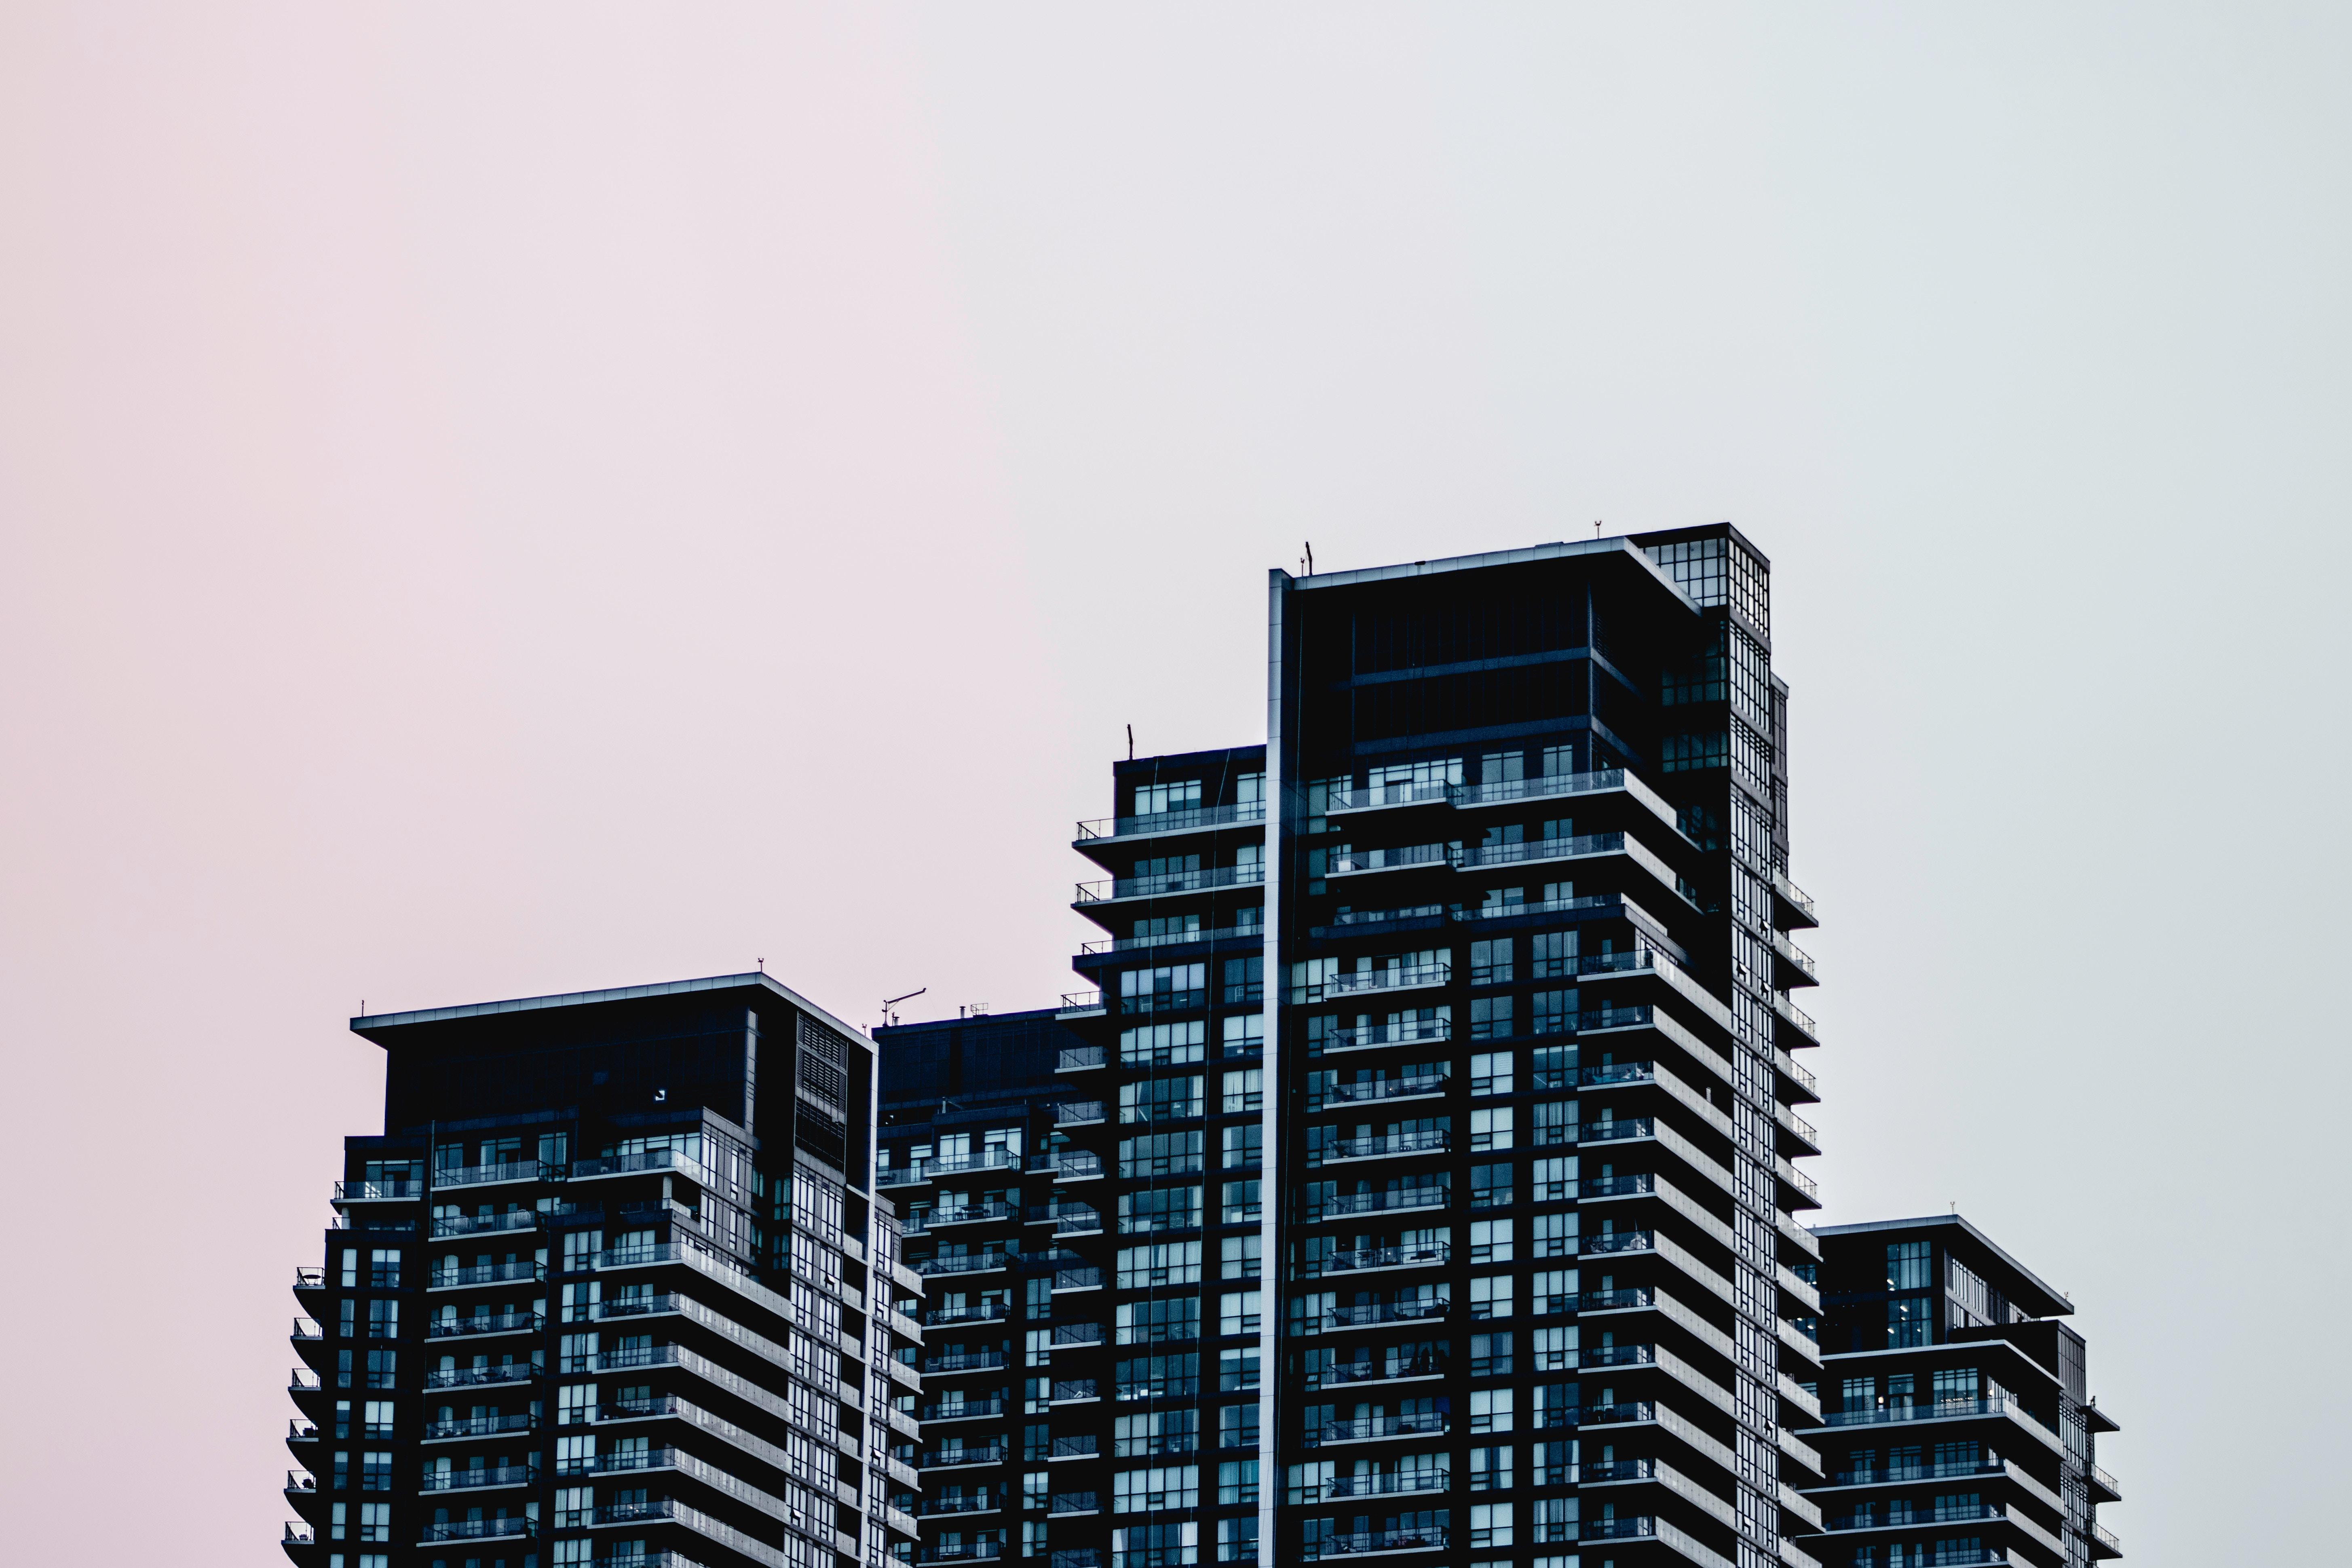 ซื้อบ้าน การซื้อบ้าน บ้านหรือคอนโด ซื้อบ้านหรือคอนโดดี